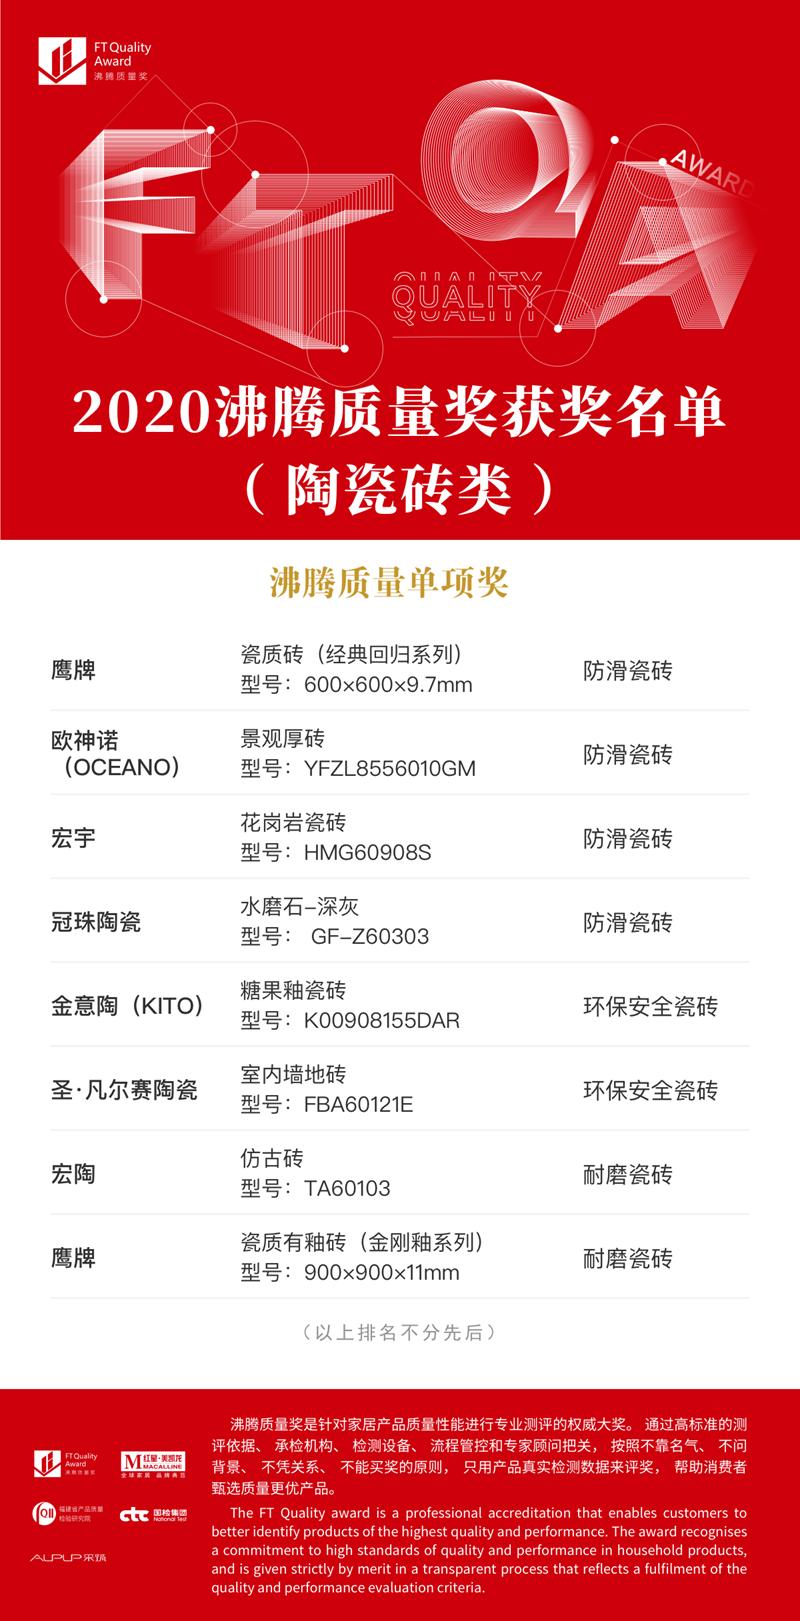 10 沸腾质量奖-陶瓷砖-单项奖_副本 (1).png